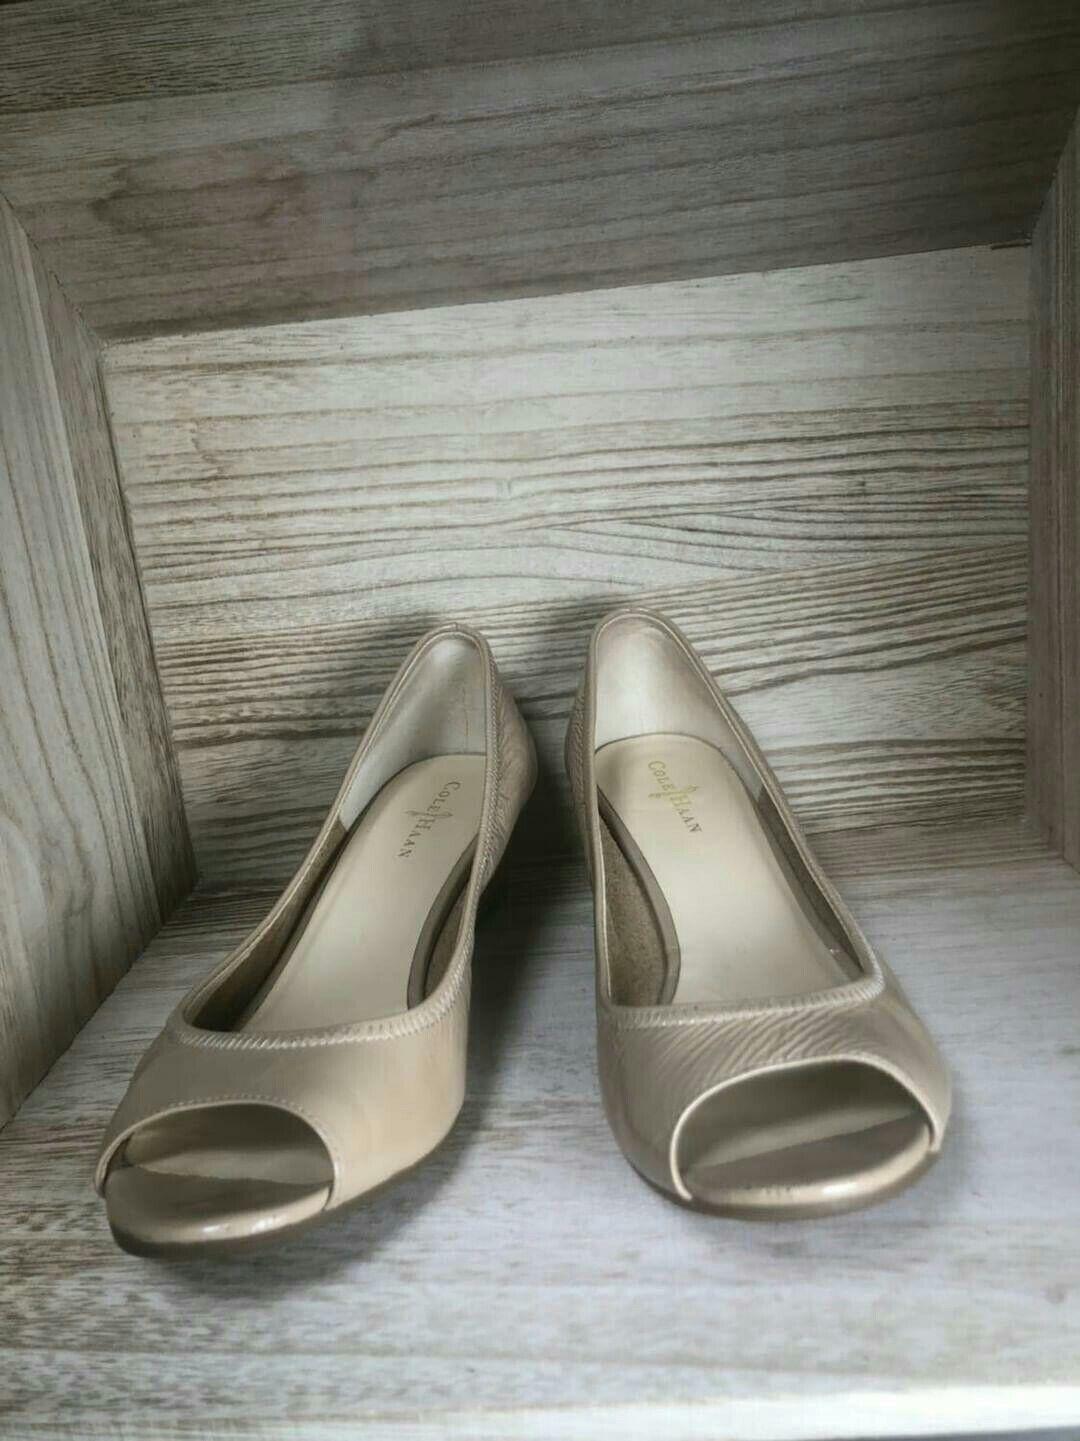 Cole Haan.Air scarpe Dimensione 7 B Tali Wedge  Heel Leather Open Peep Toe donna Nude  negozio di sconto